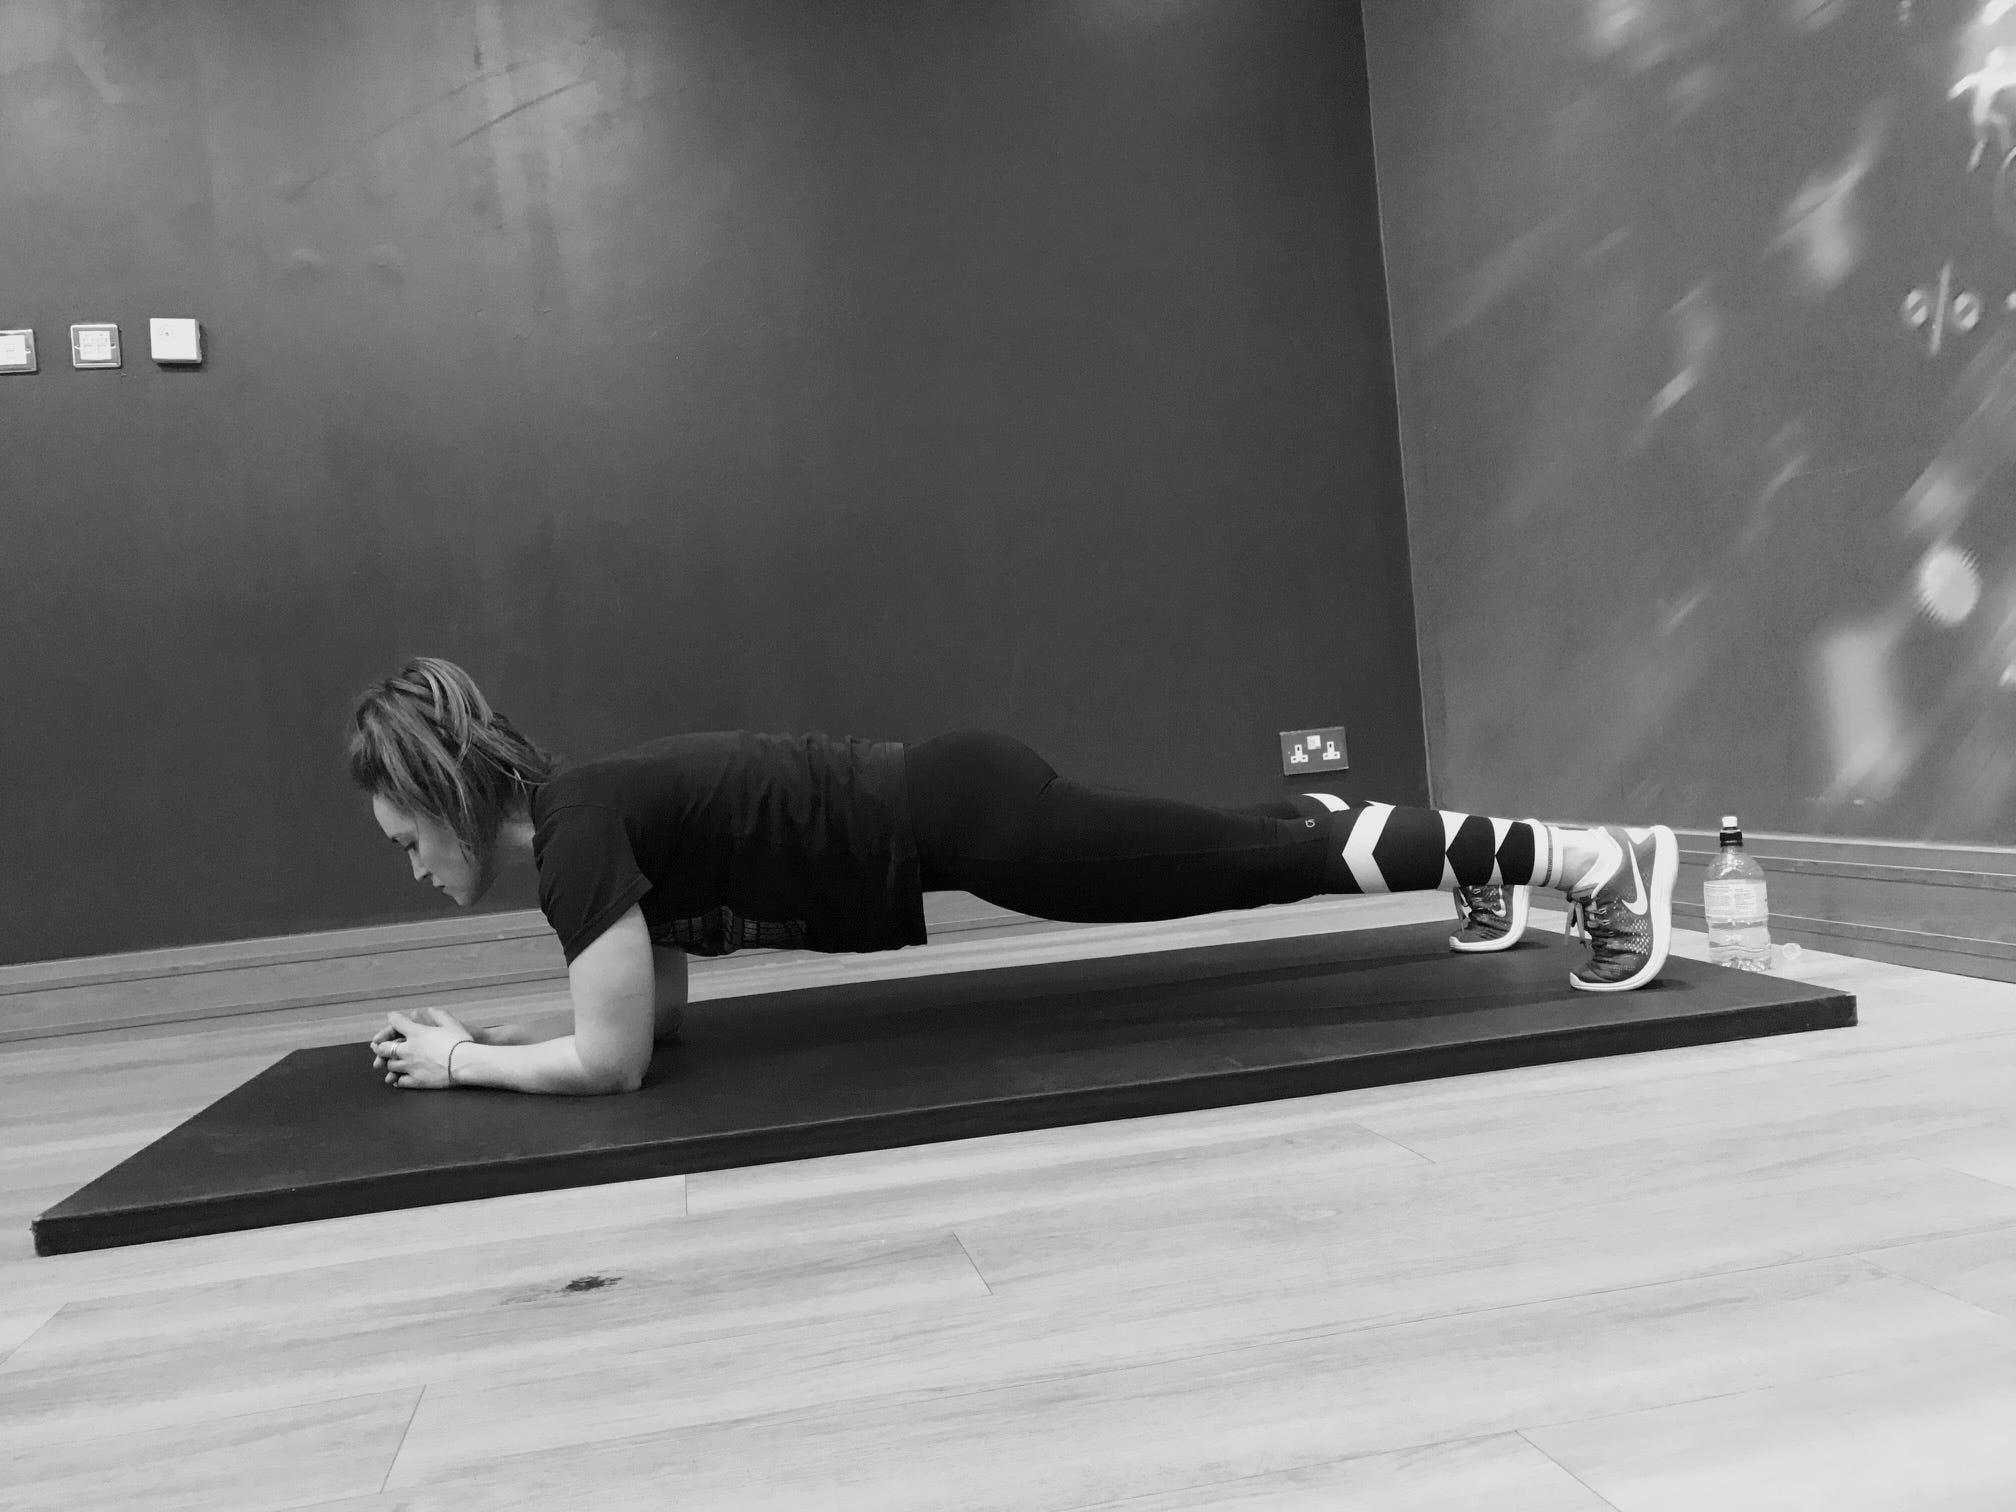 6-Plank I